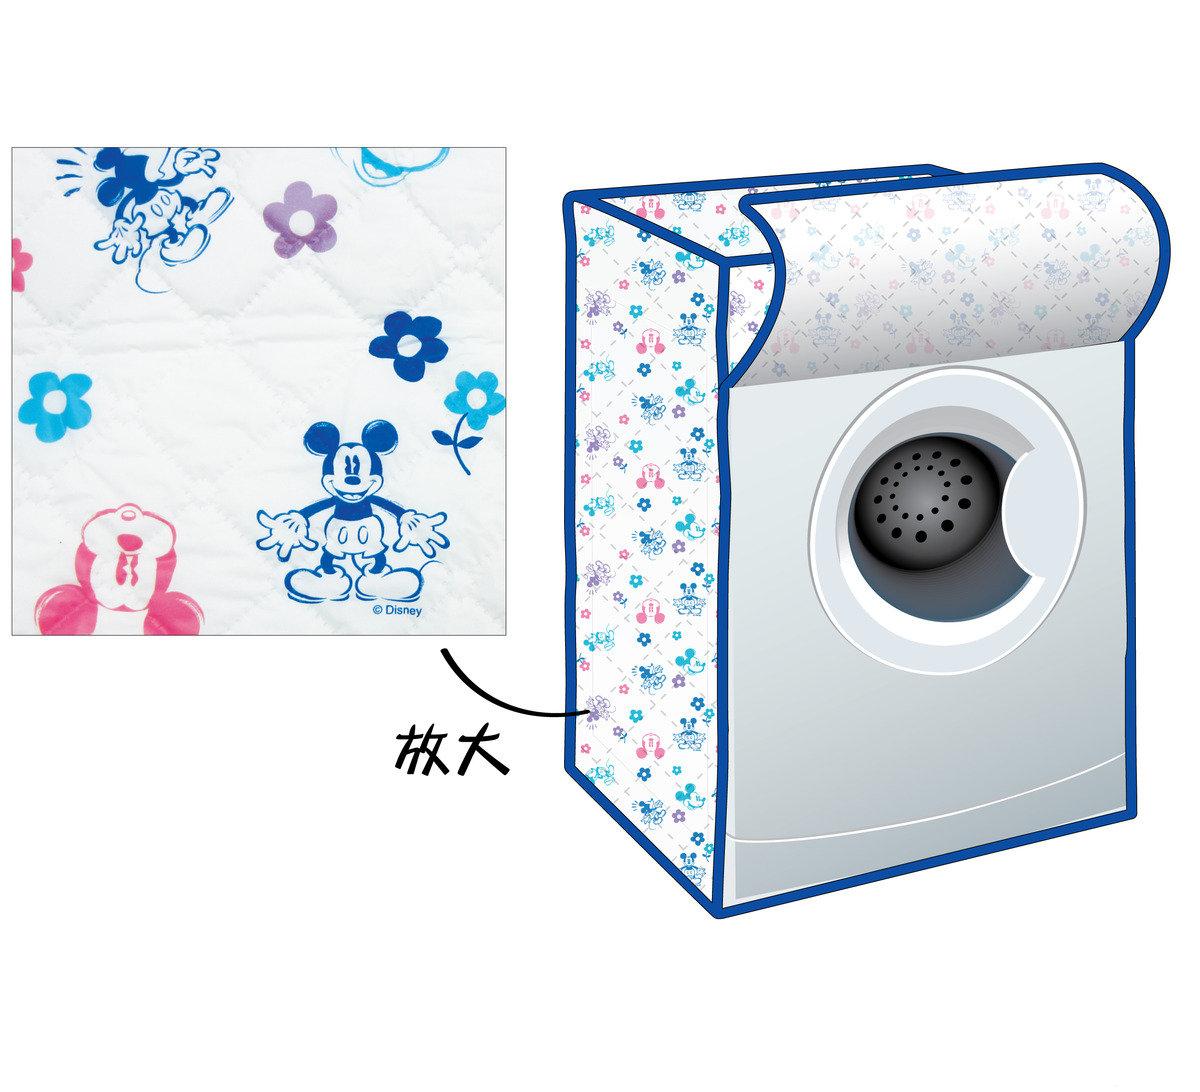 米奇前置式洗衣機套 - 歐洲機